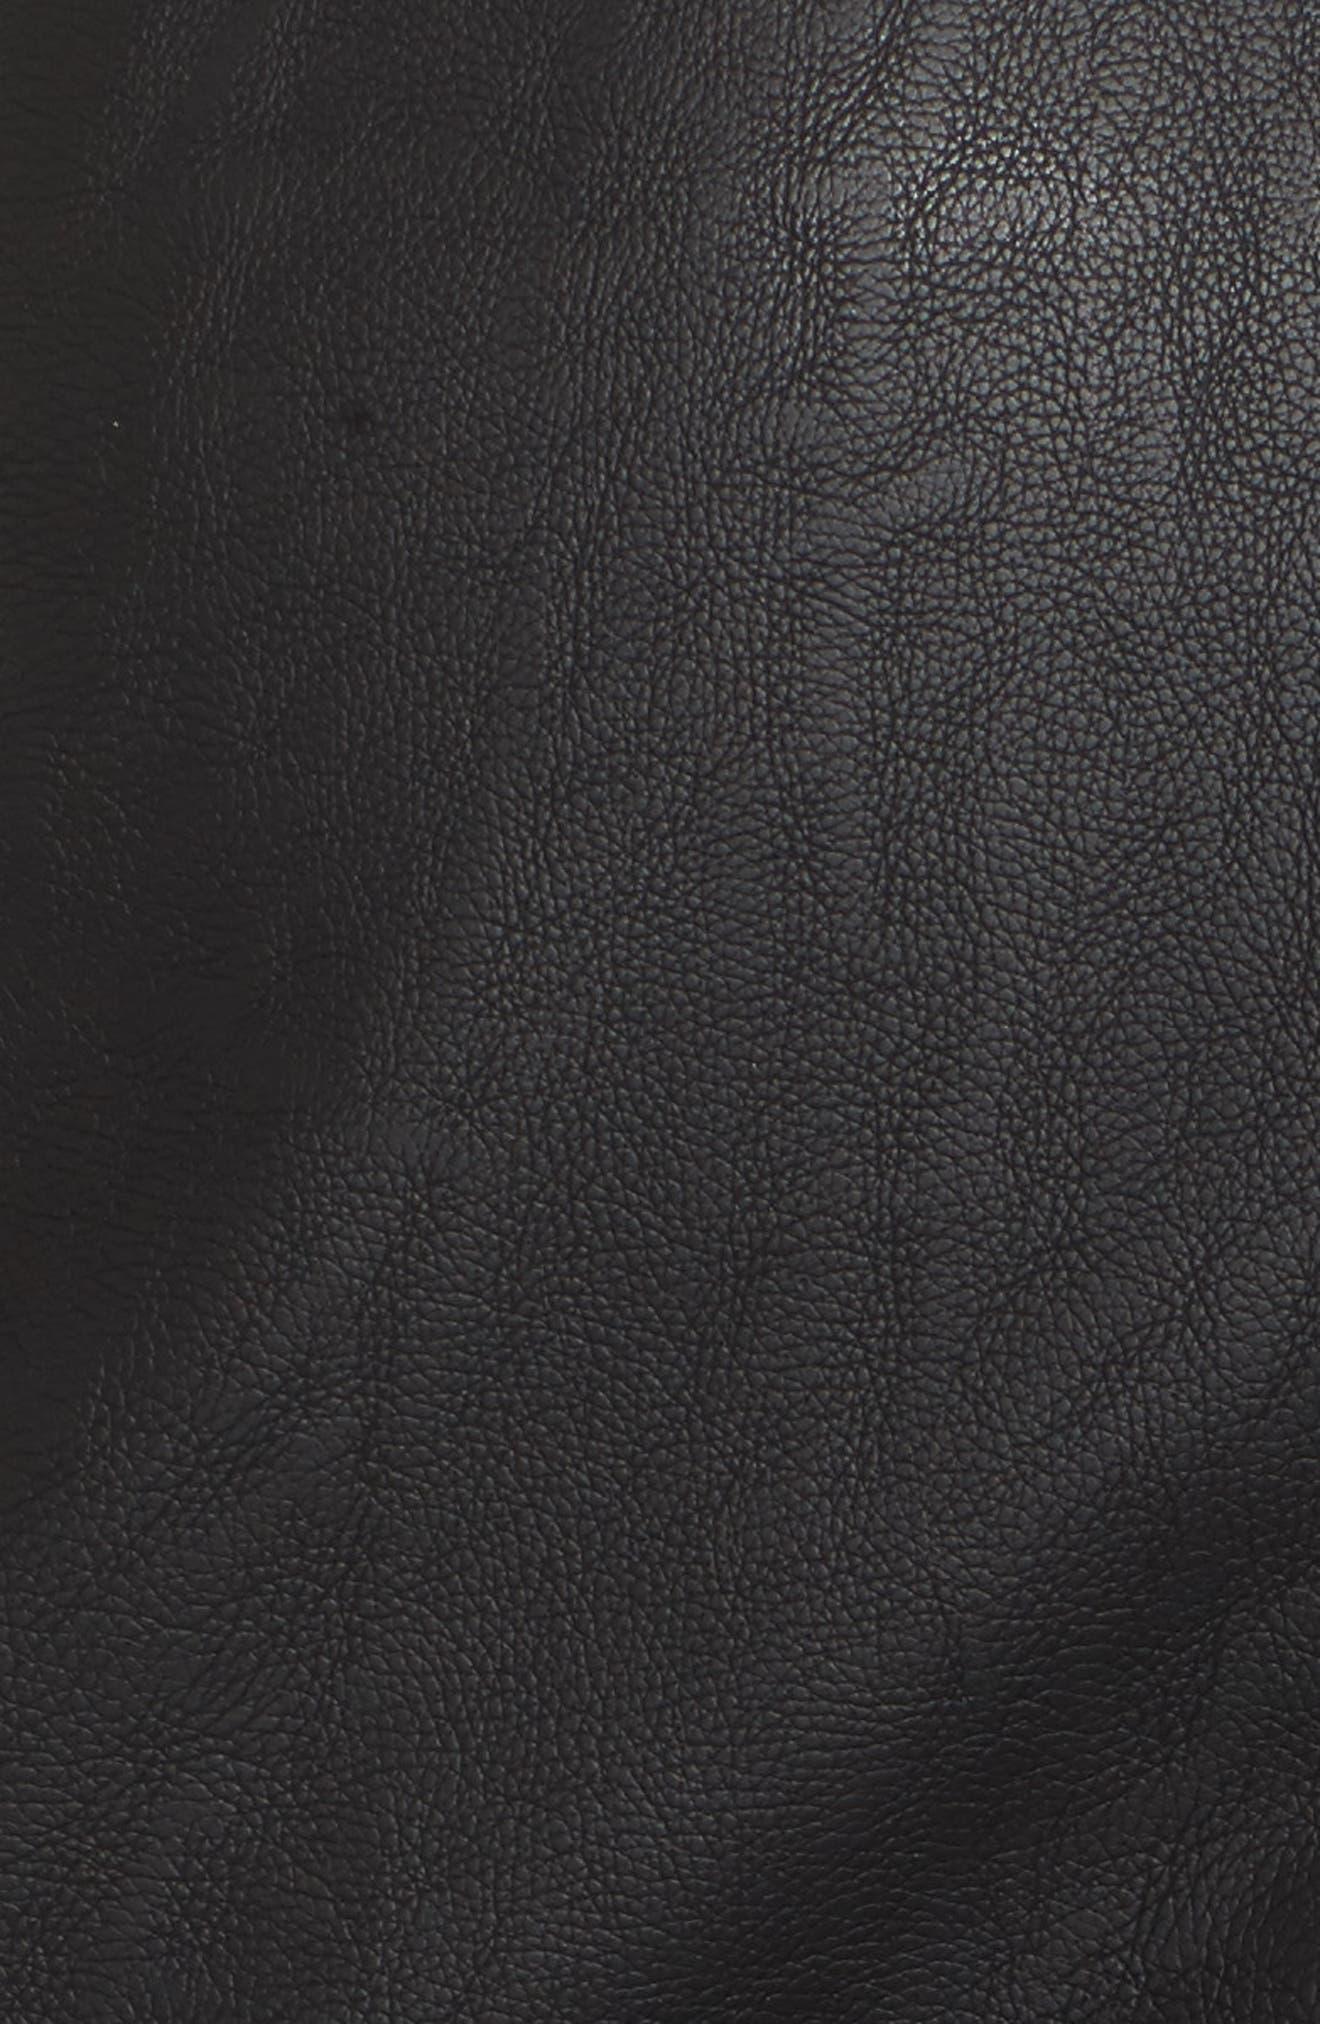 Dakota Lace Up Faux Leather Skirt,                             Alternate thumbnail 6, color,                             Black